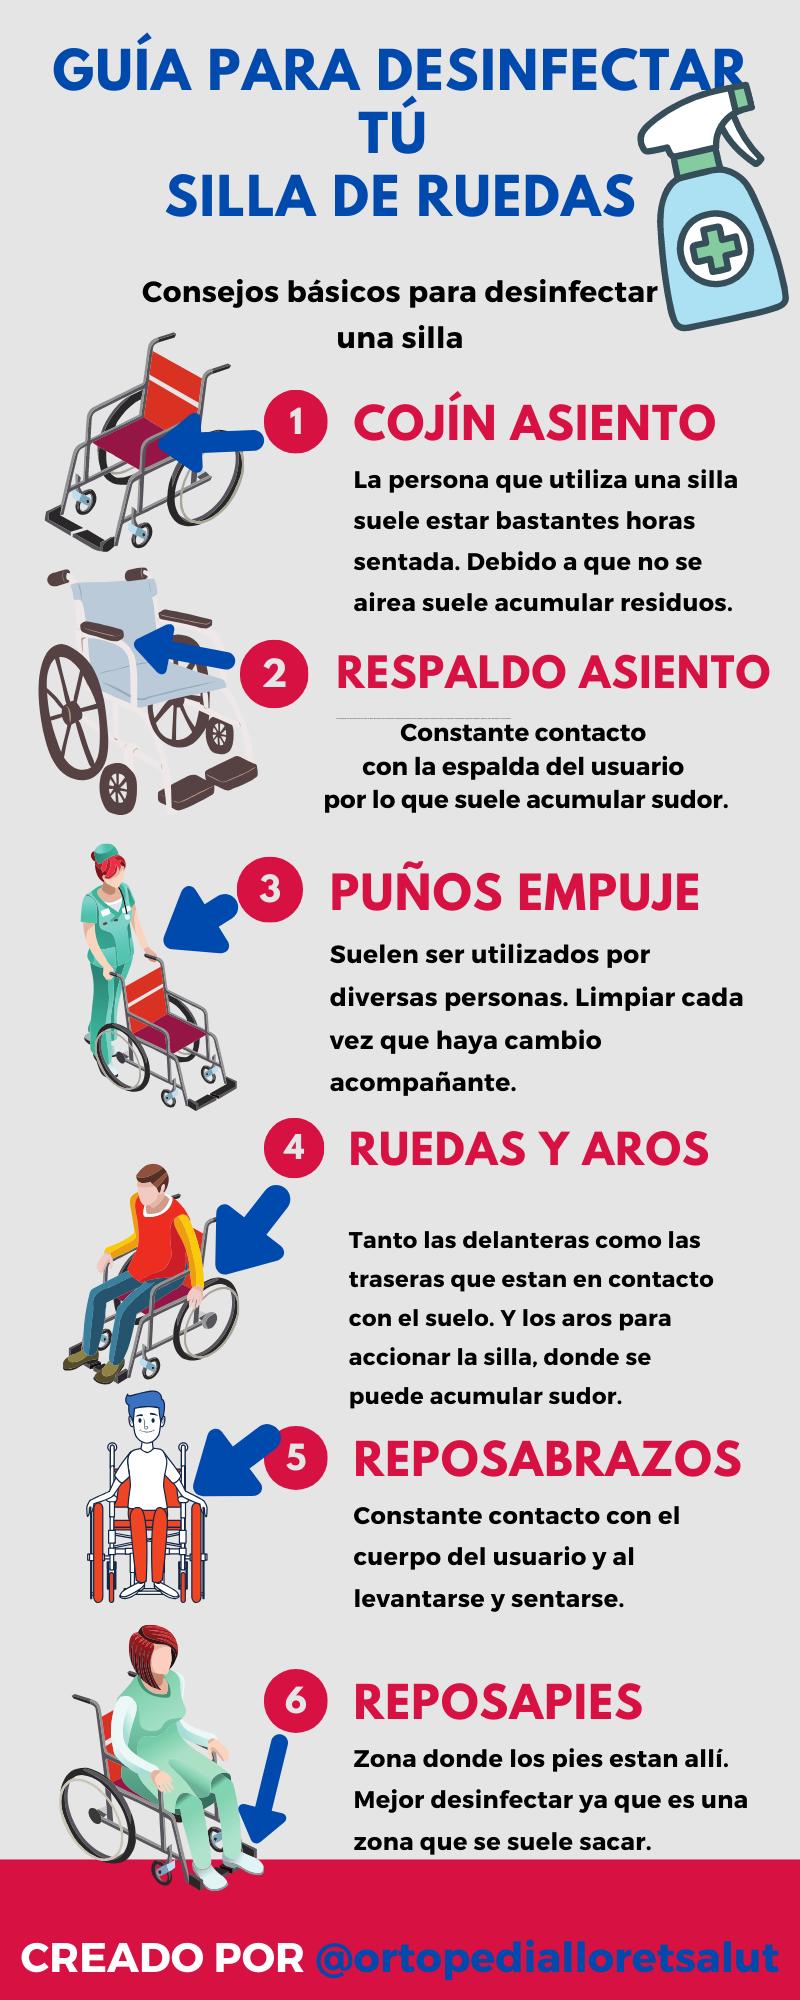 Las sillas de ruedas también han de desinfectarse